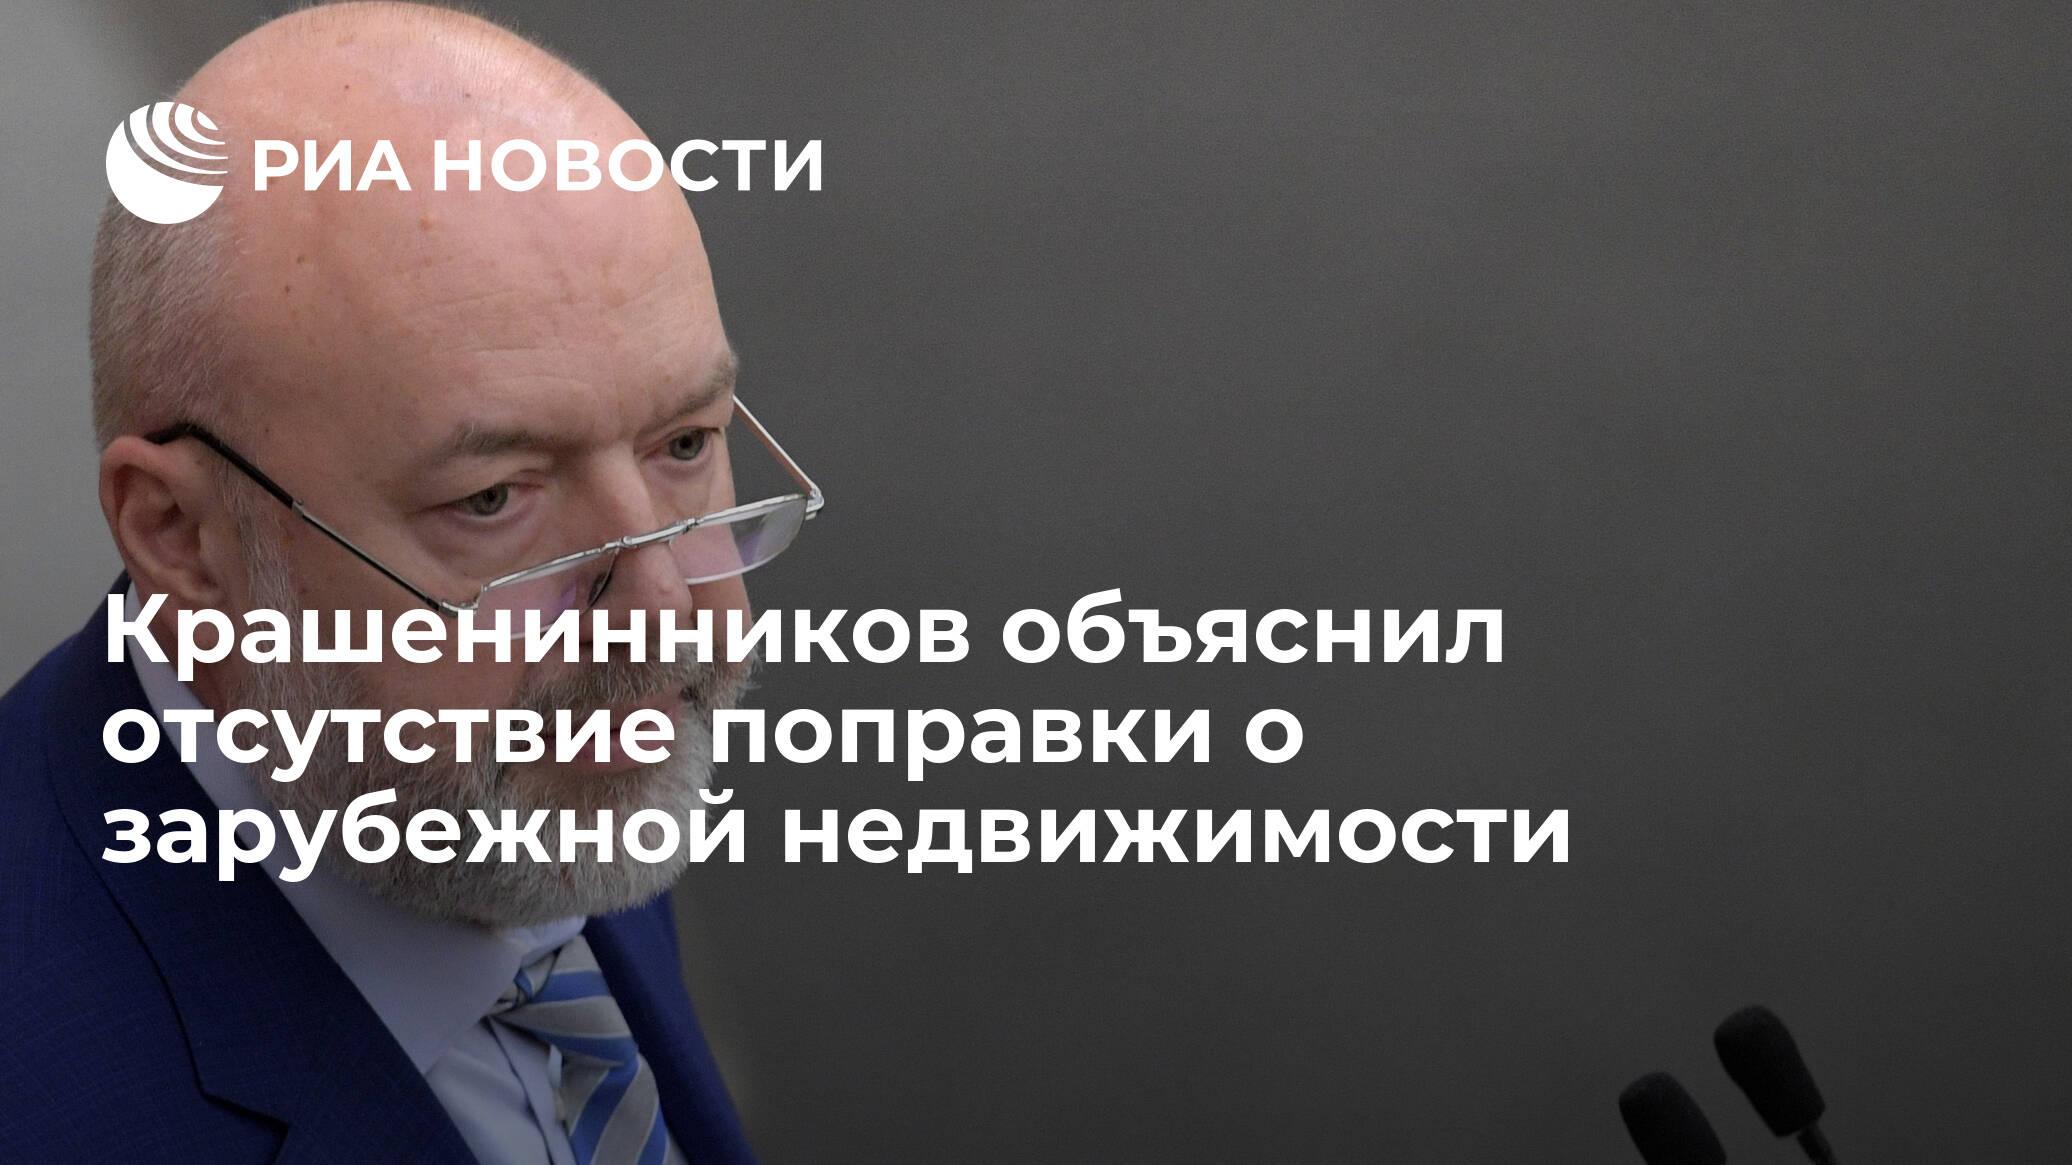 Крашенинников объяснил отсутствие поправки о зарубежной недвижимости